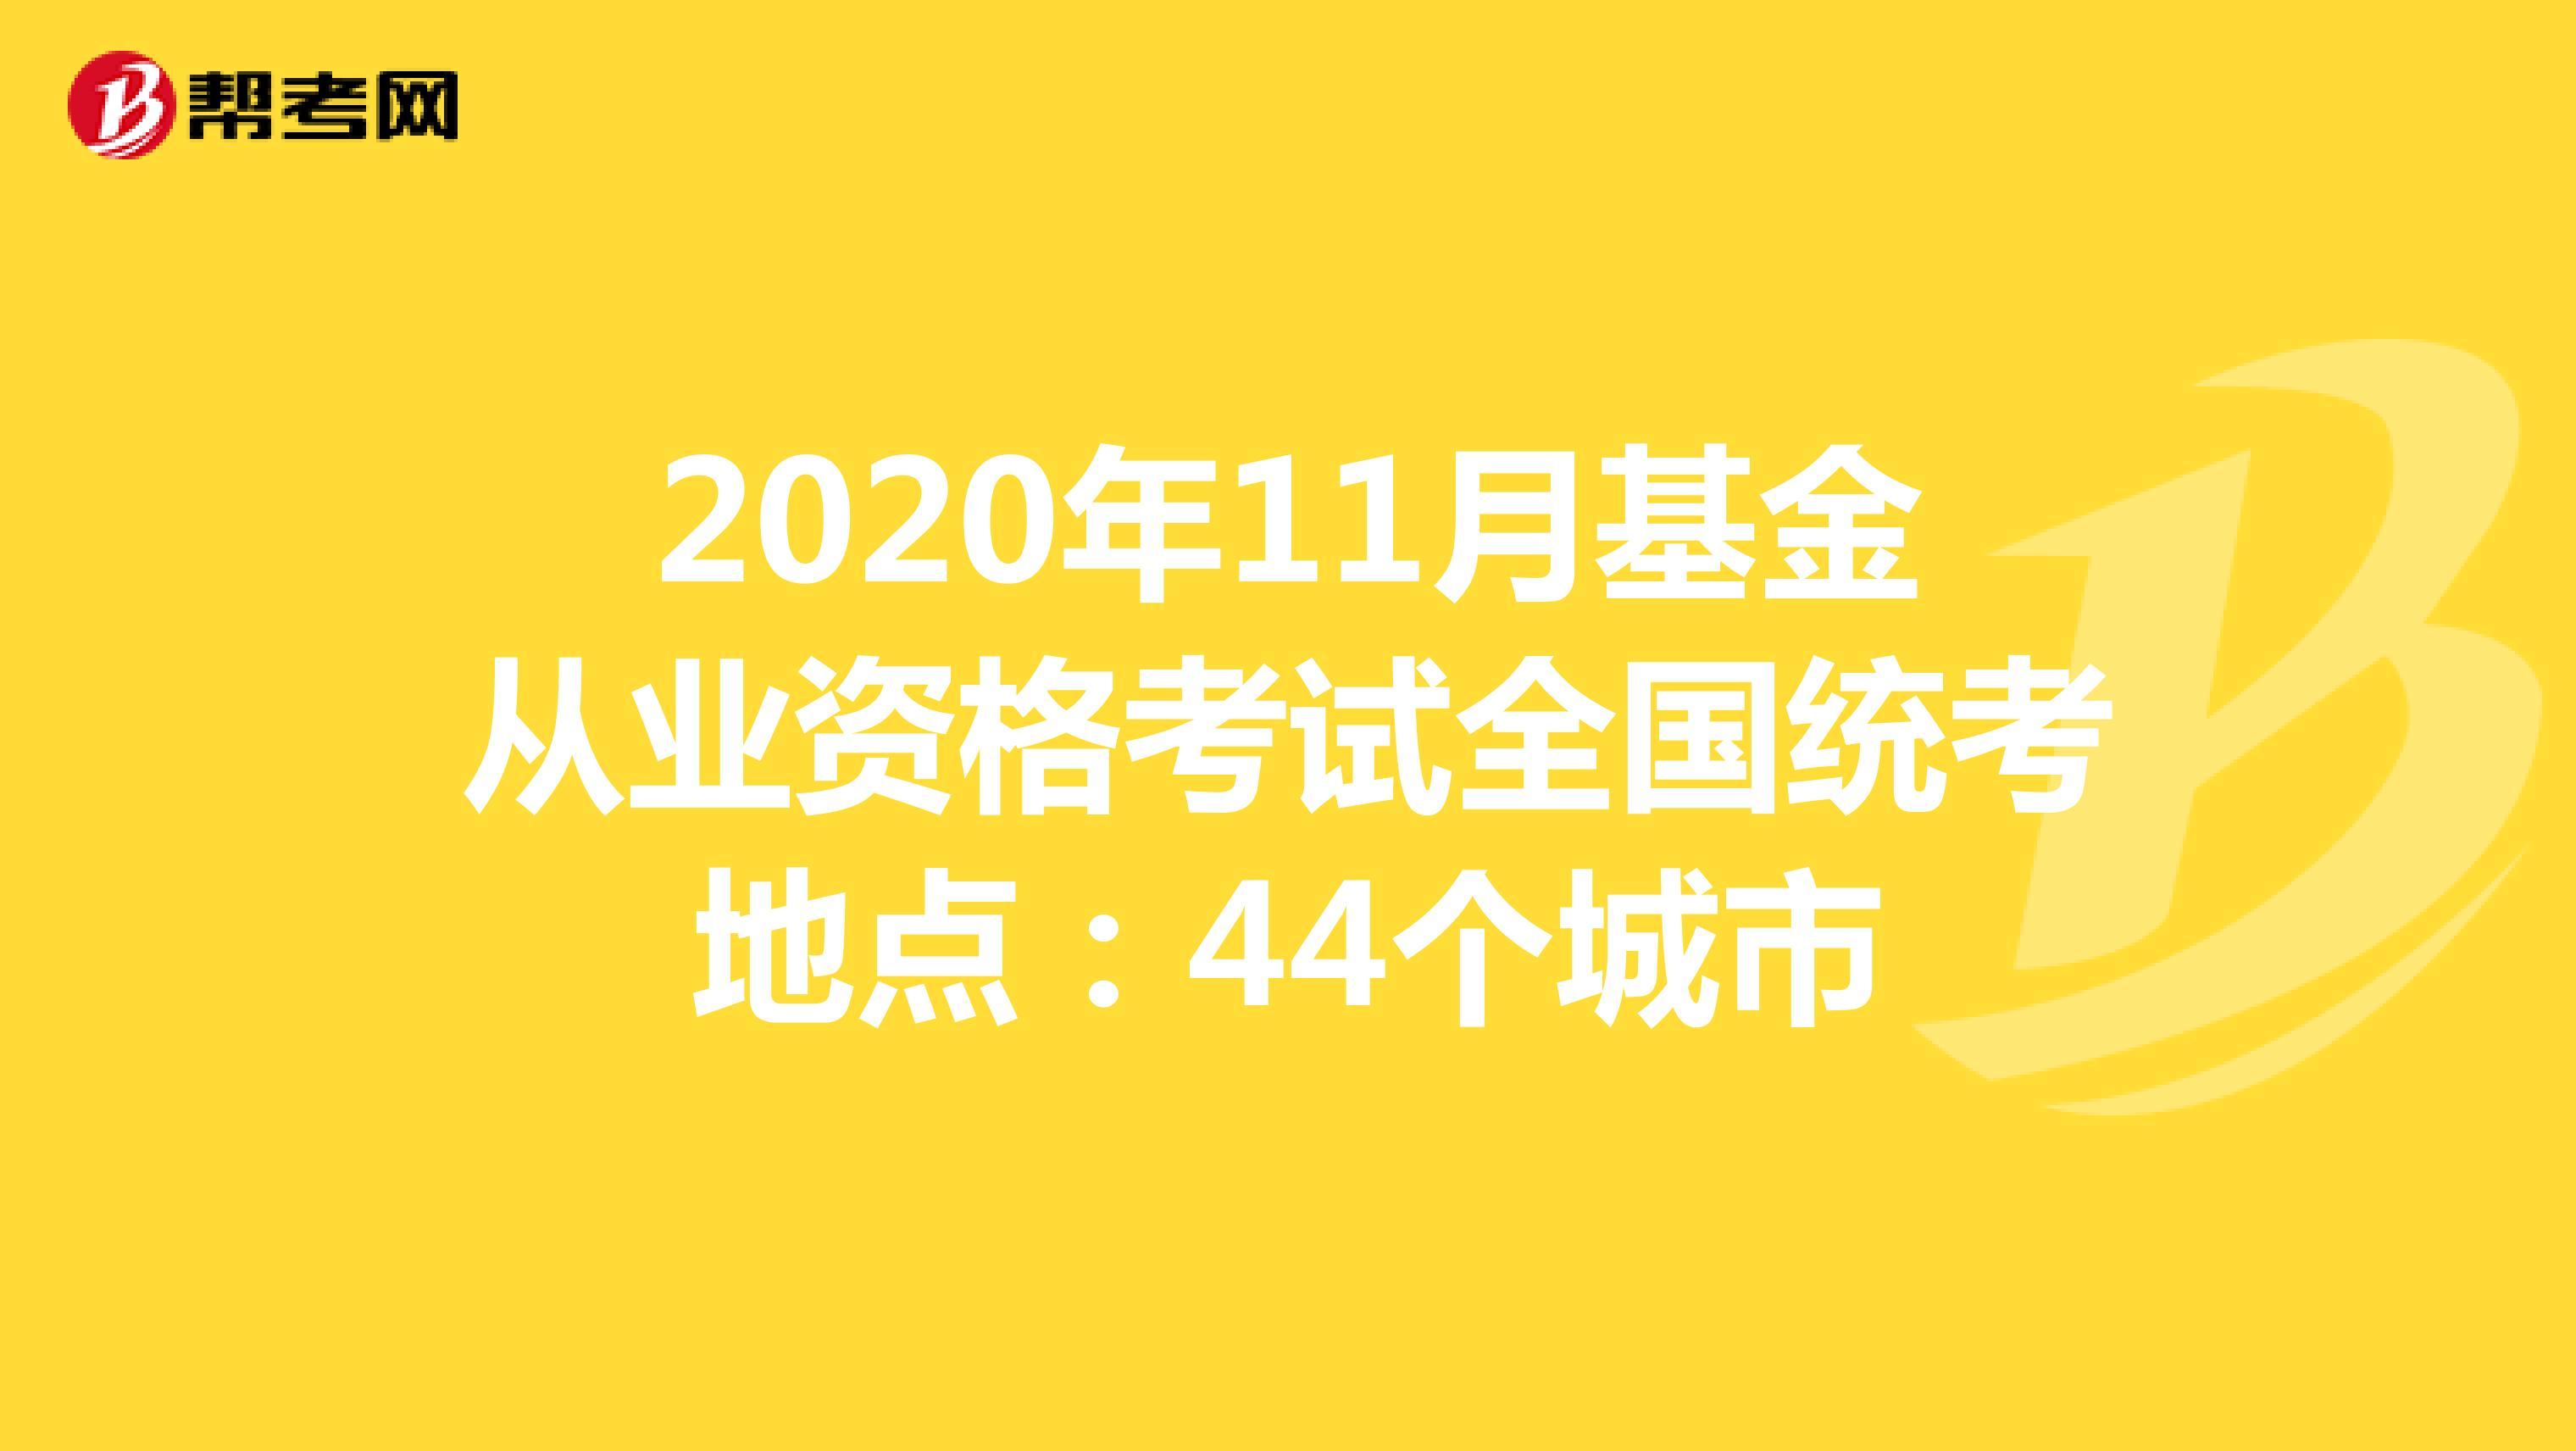 2020年11月基金从业资格考试全国统考地点:44个城市